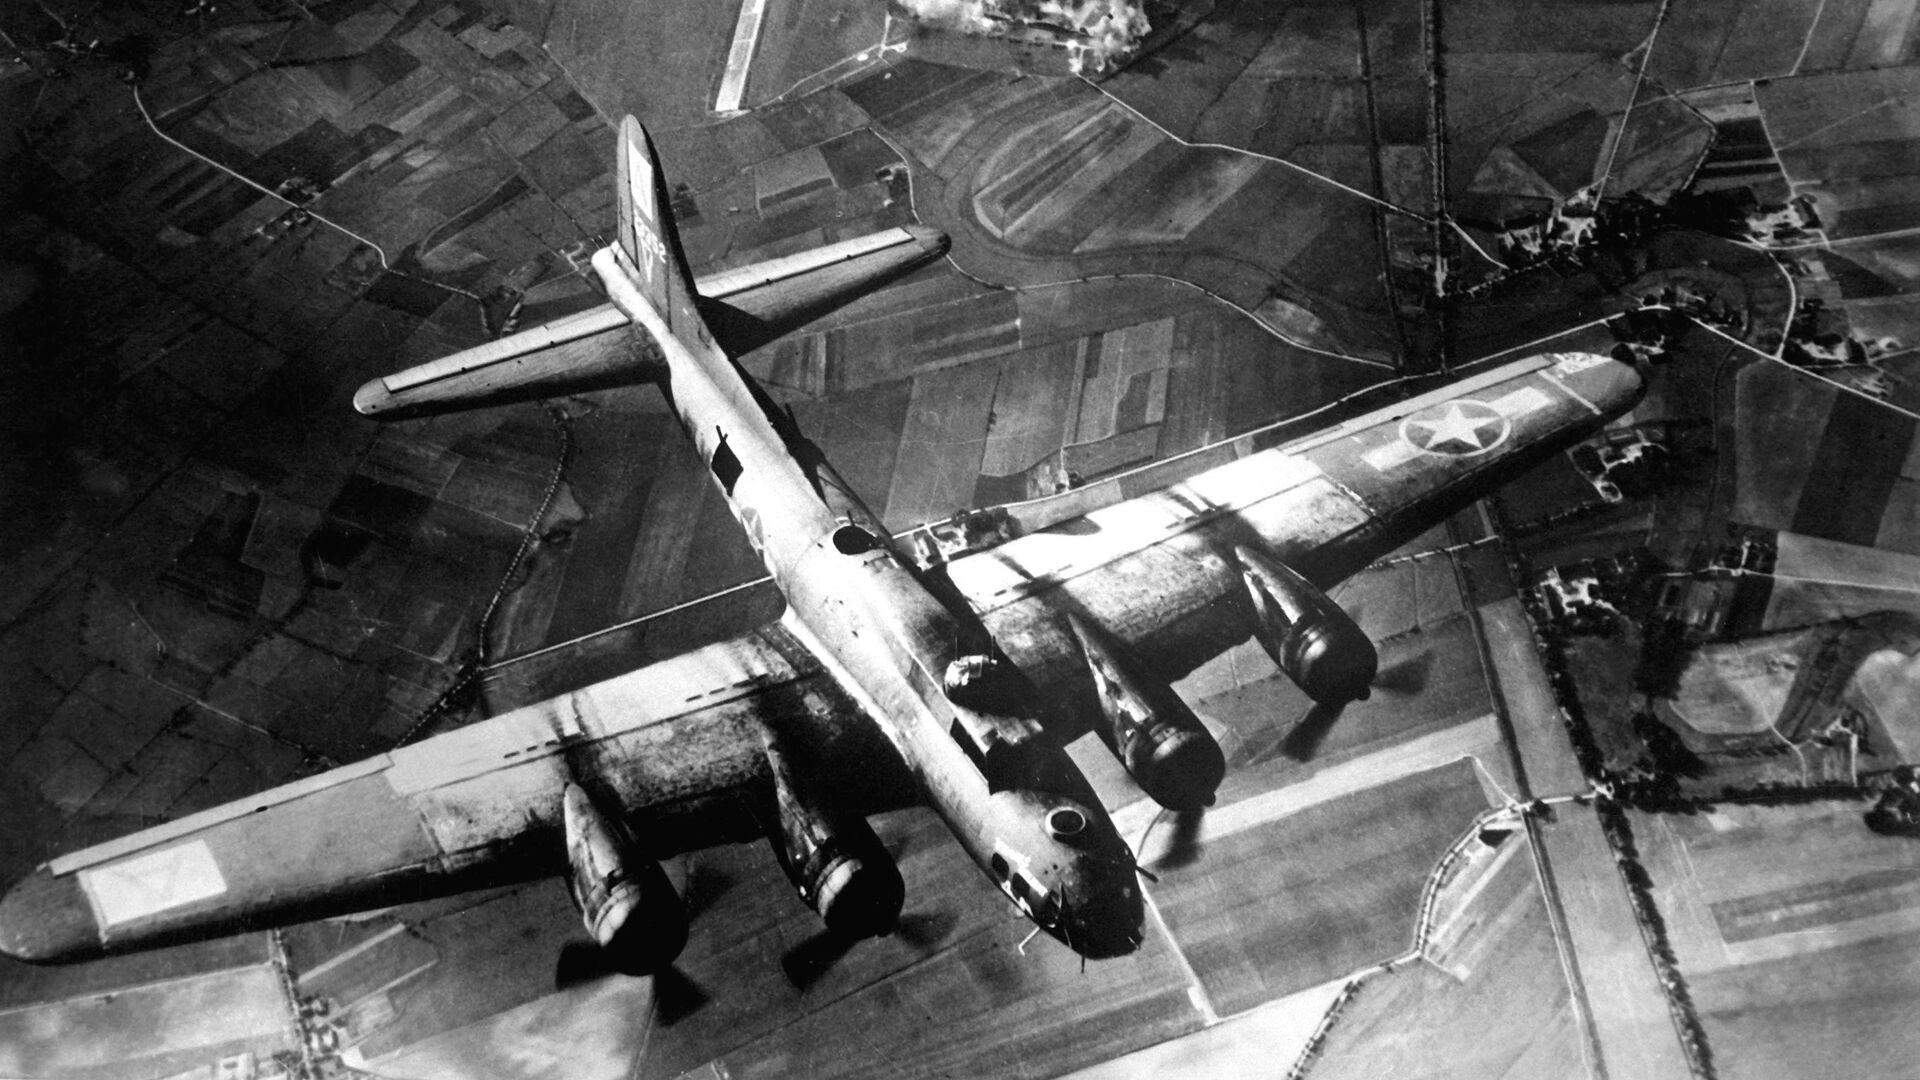 Американские ВВС бомбят завод на территории немецкого Мариенбурга в октябре 1943 года - РИА Новости, 1920, 14.02.2020